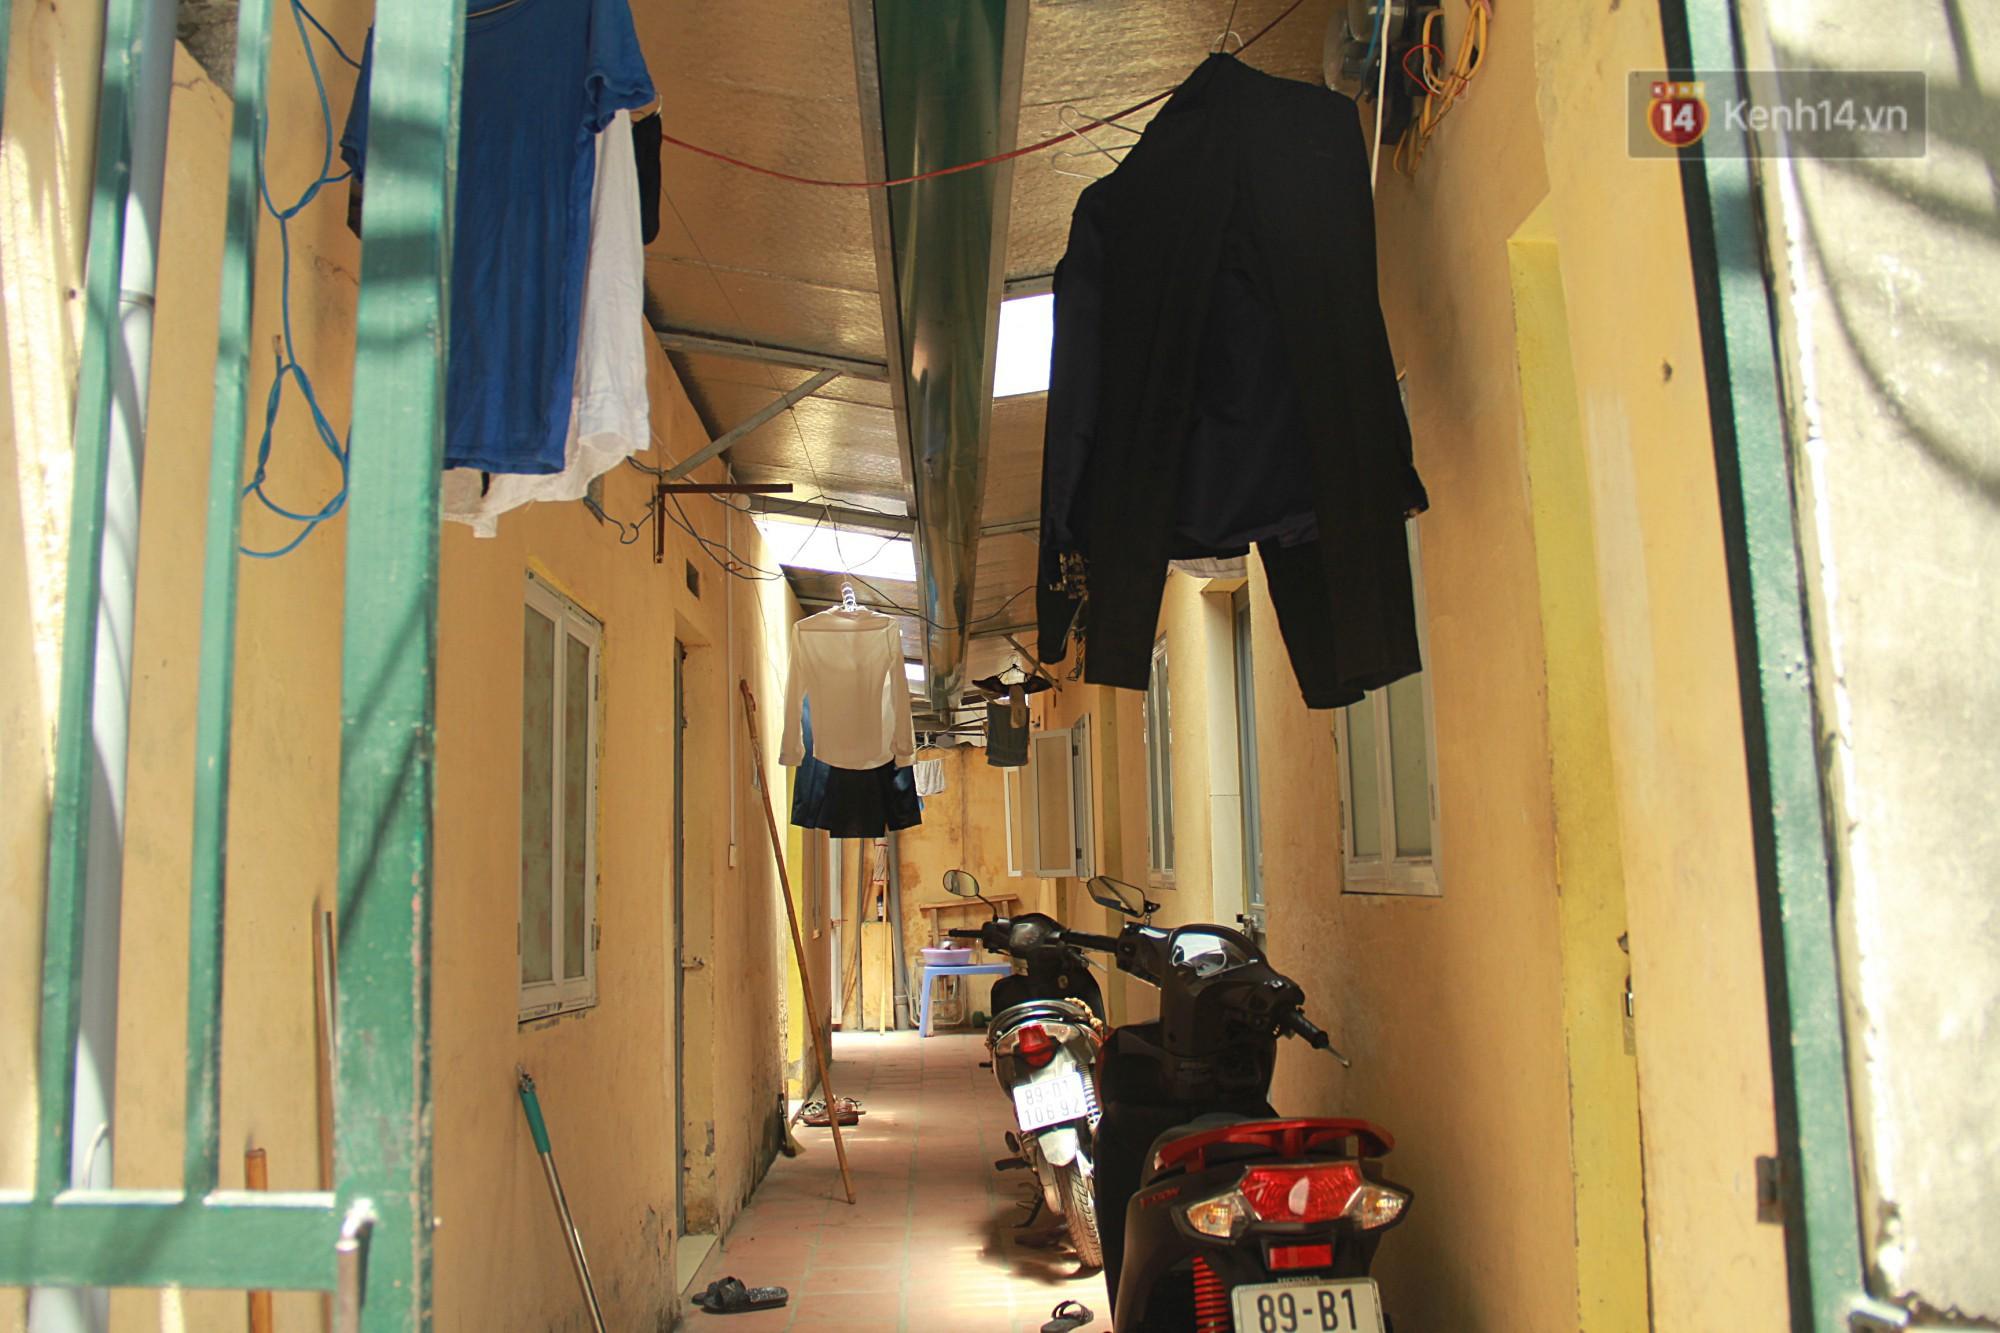 Cái nóng Hà Nội lên đến 50 độ: Dân xóm nghèo oằn mình trong các phòng trọ lợp ngói tôn, hầm hập như muốn luộc chín người - Ảnh 6.